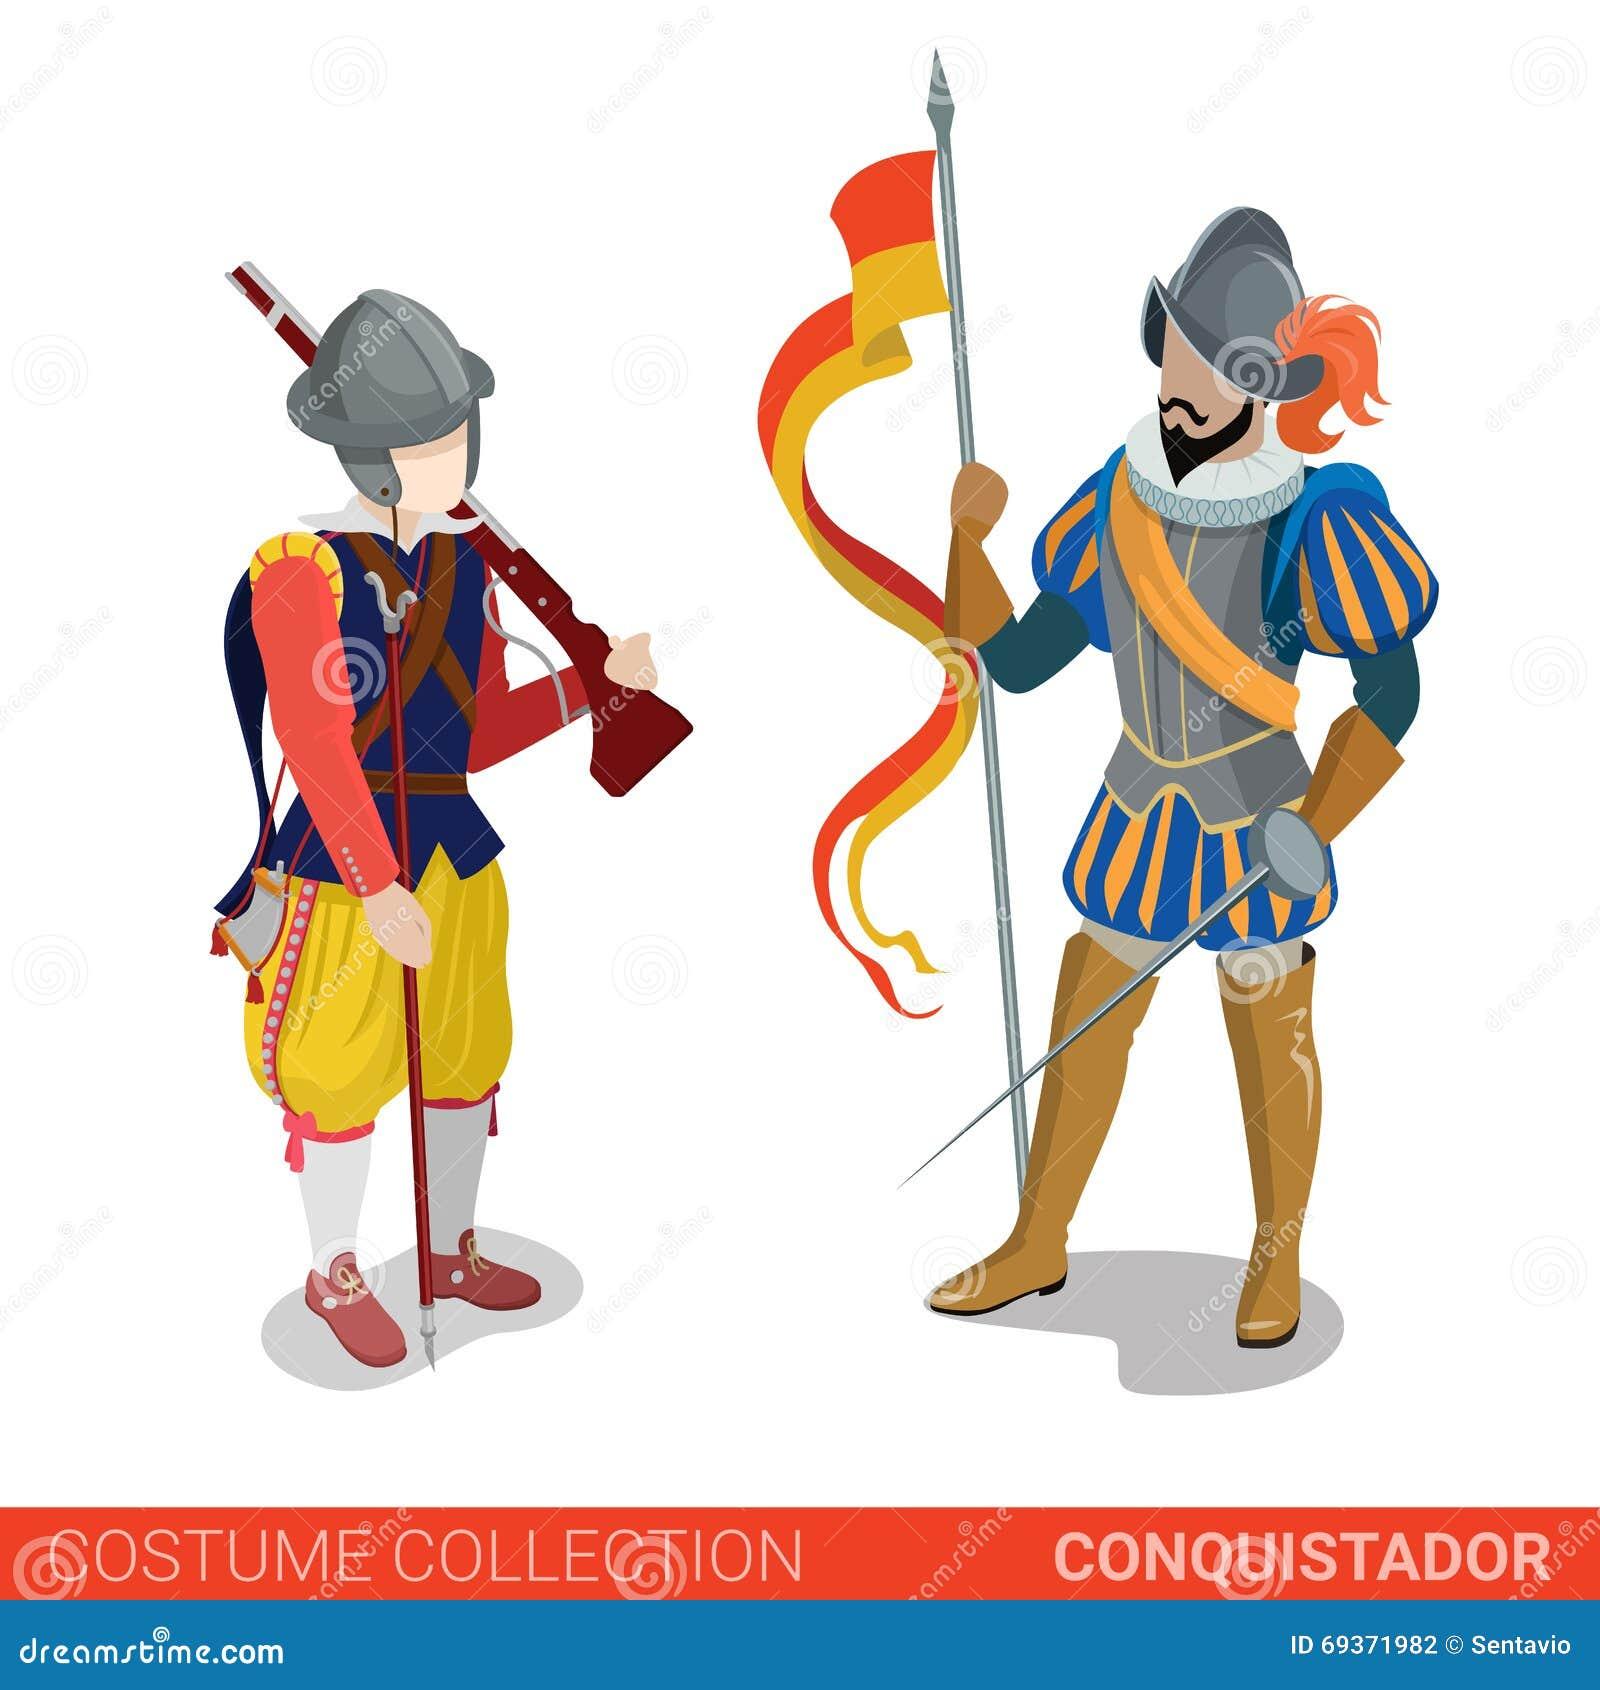 Conquistador medieval conqueror warrior fighter couple